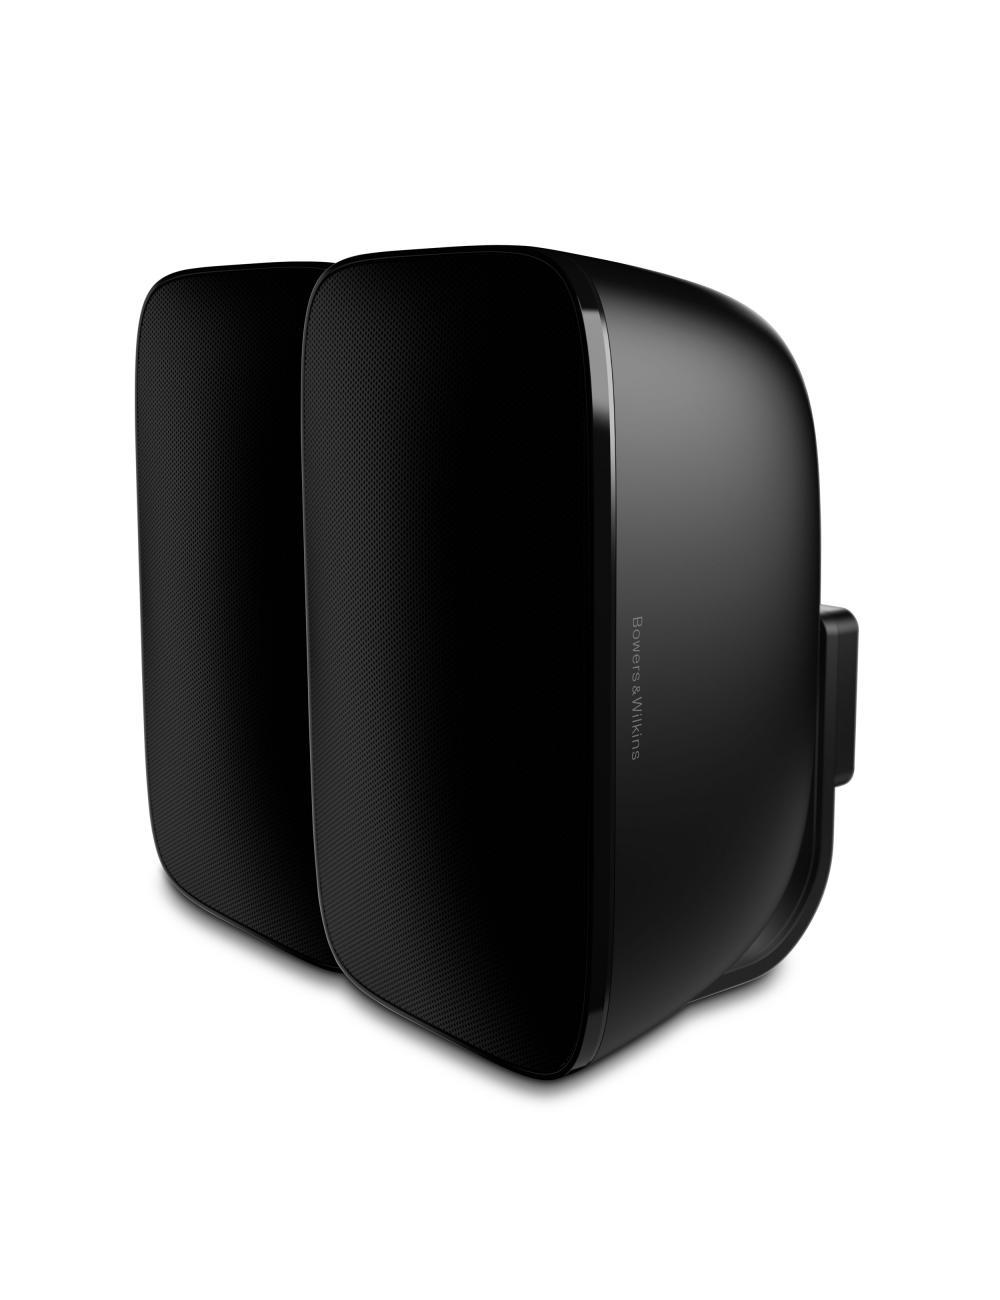 diffusore acustico da esterno, Bowers & Wilkins AM-1, coppia, finitura nero satinato